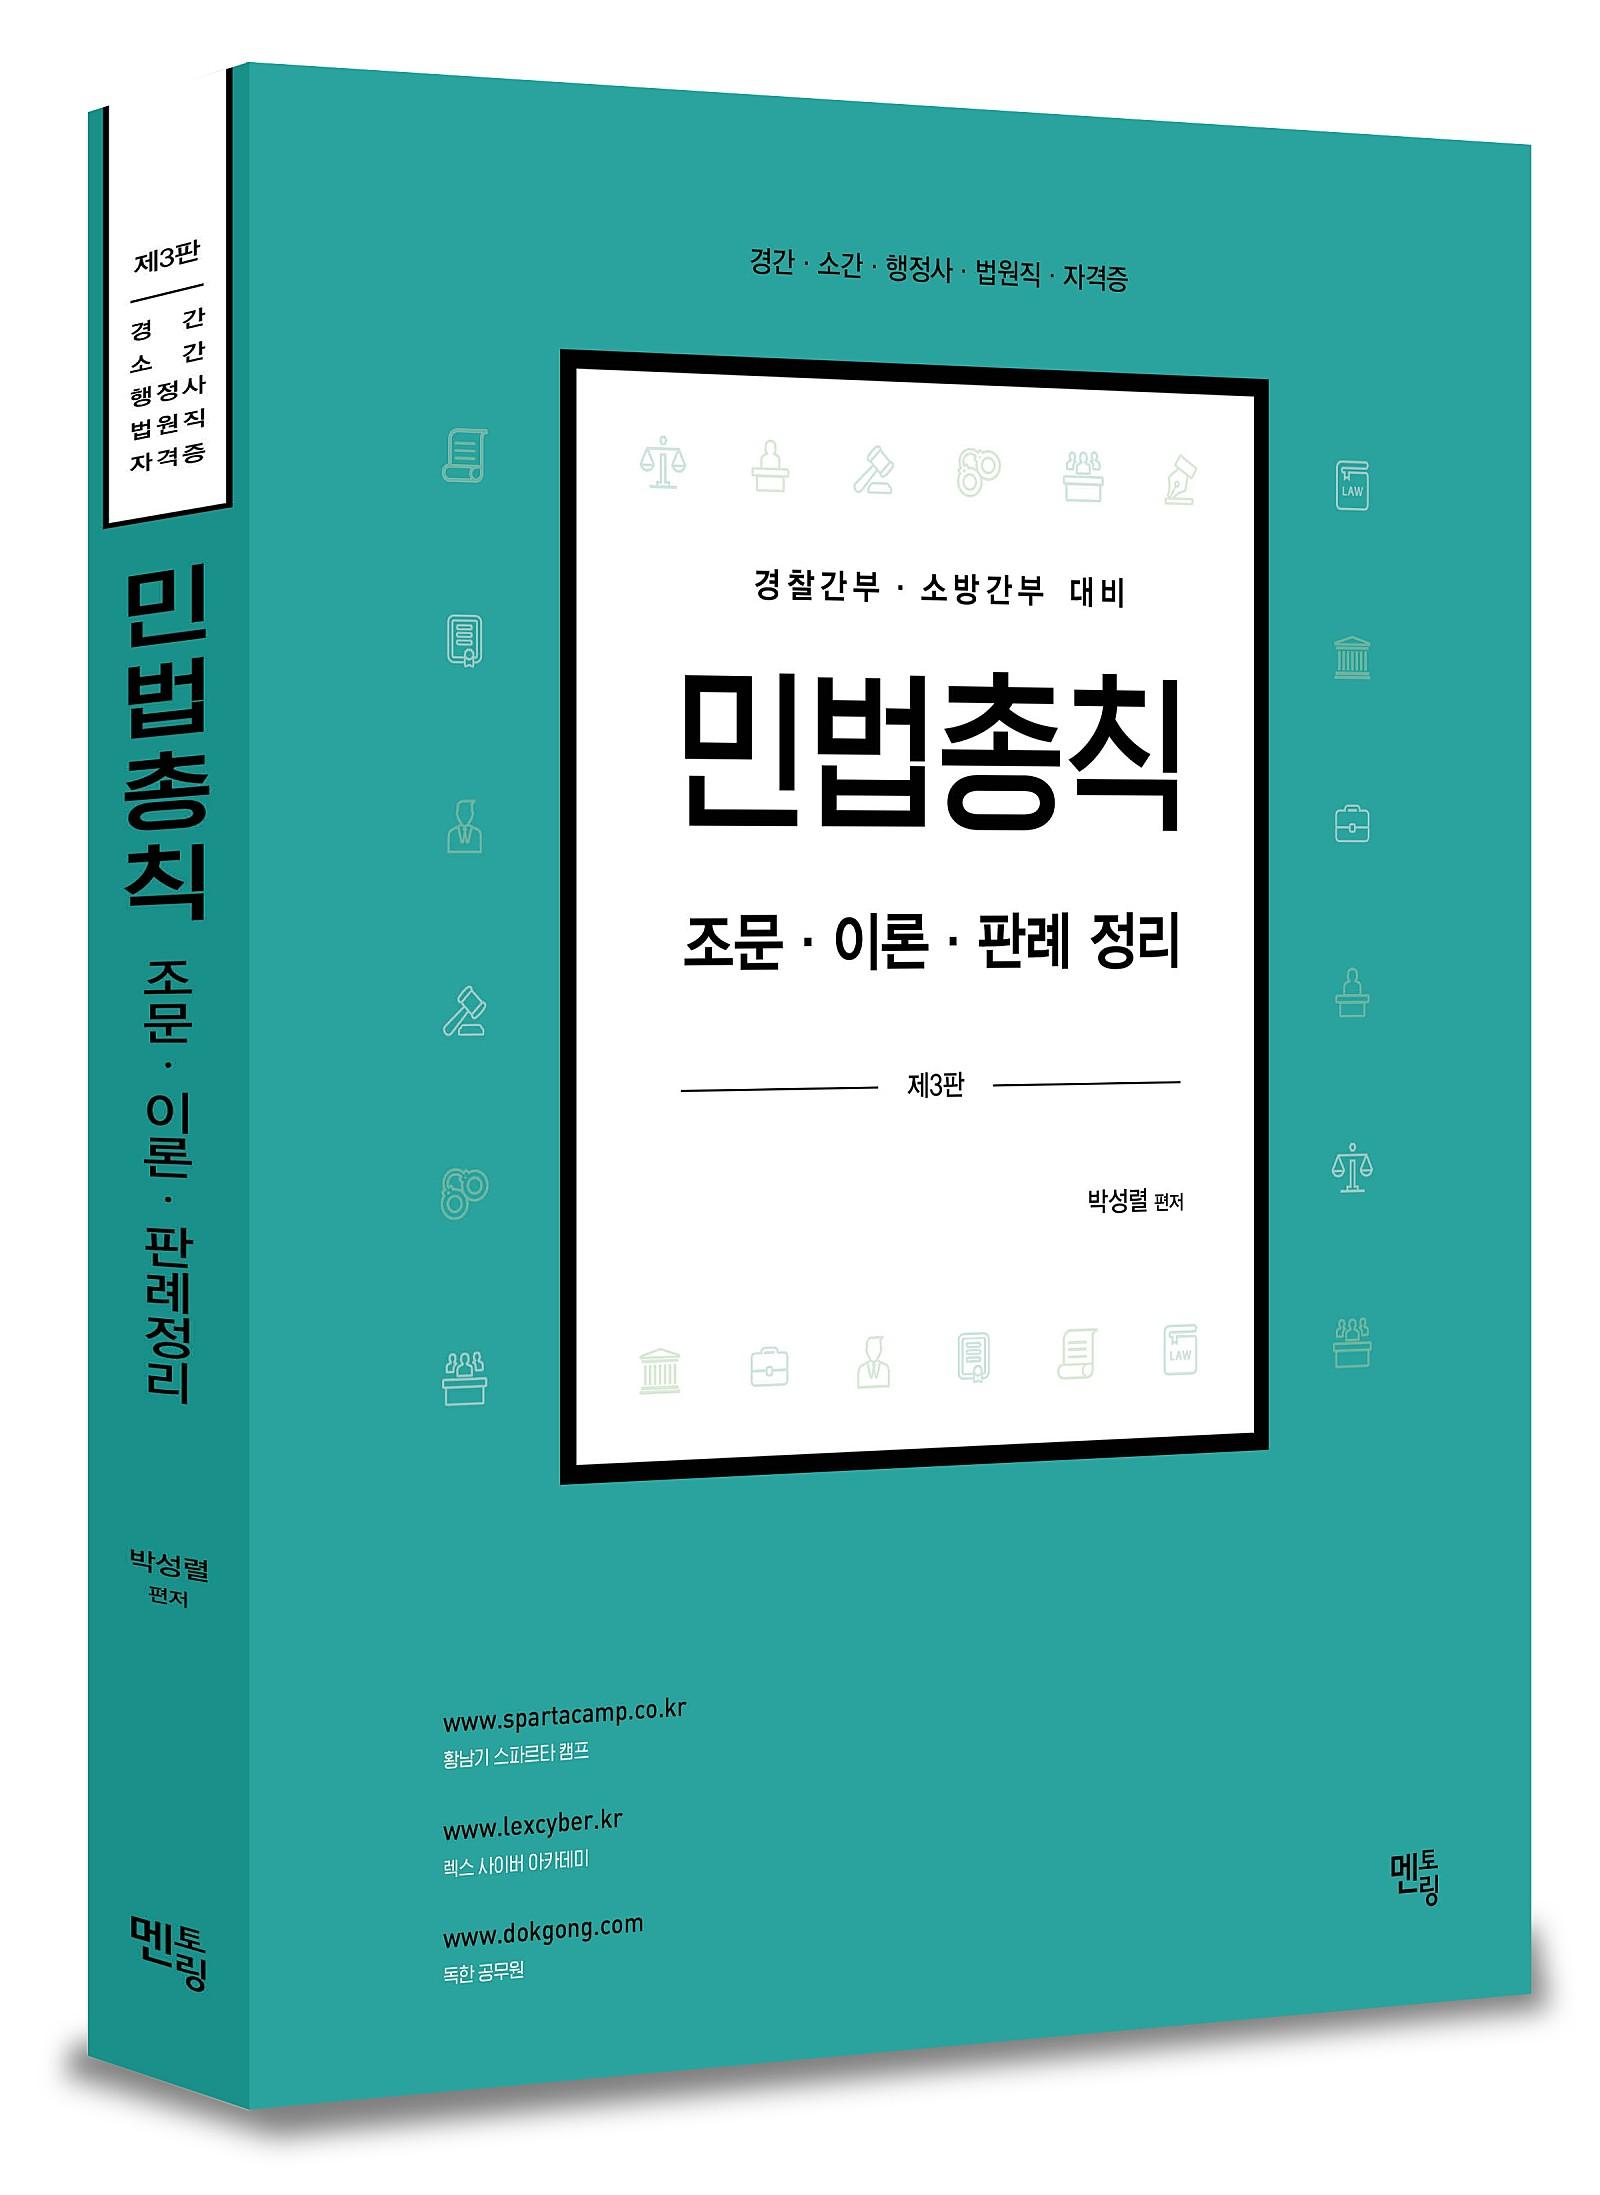 2022 박성렬 민법총칙 기본서(제3판) -조문ㆍ이론ㆍ판례 정리